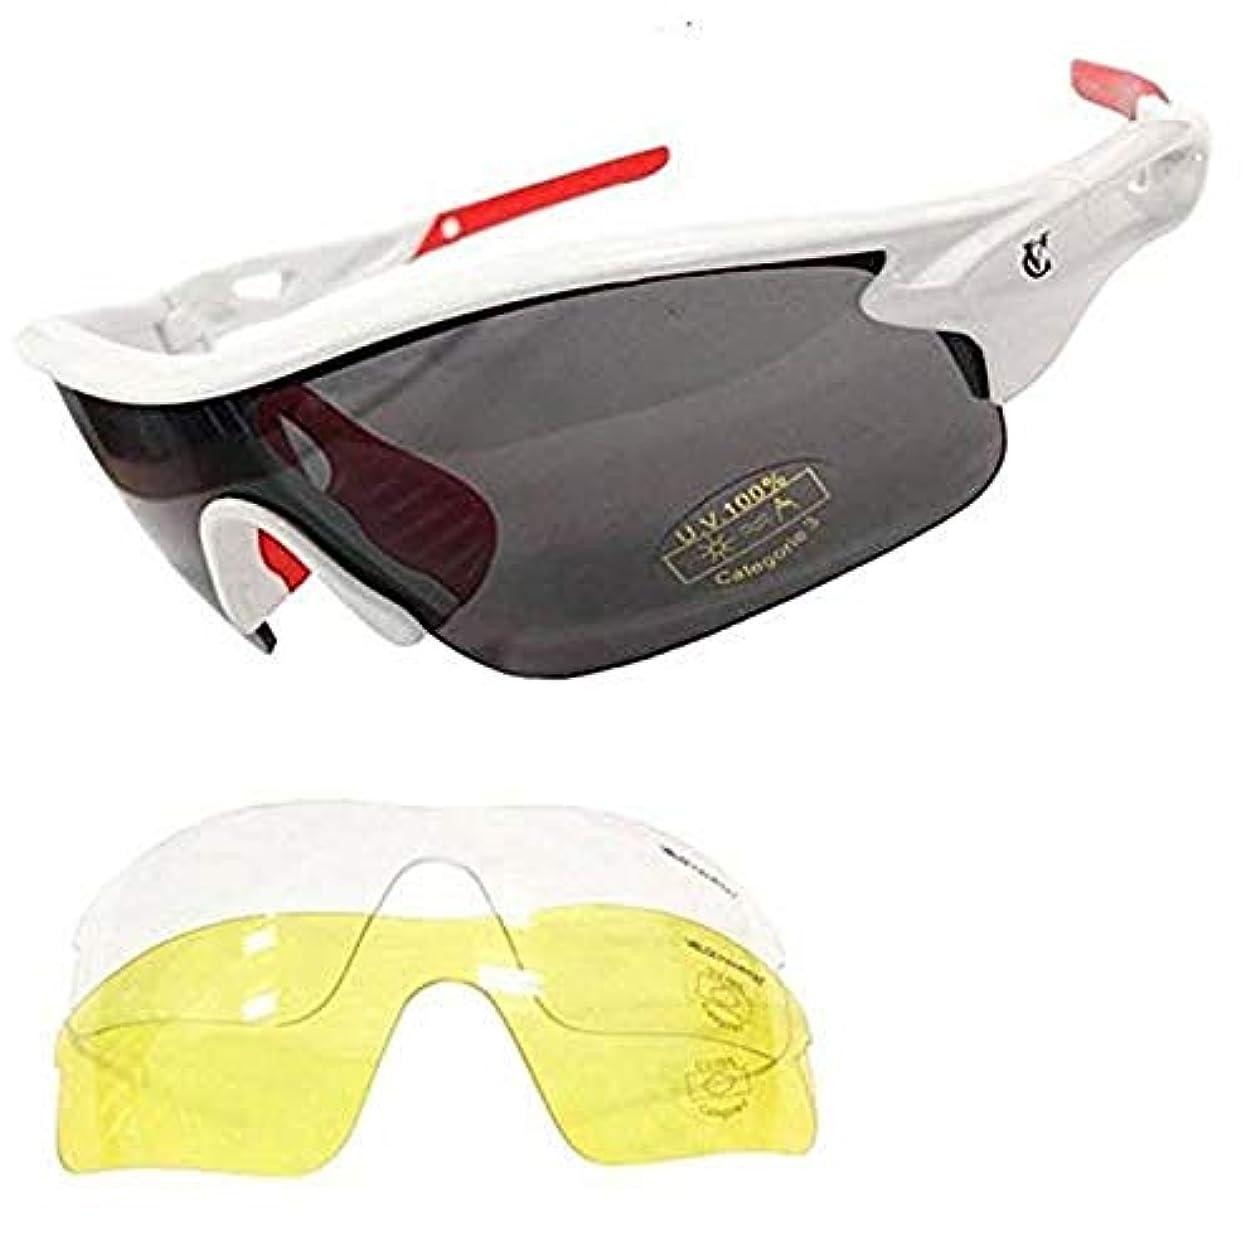 ゲートウェイパスポート手つかずのVeloChampion(ベロチャンピオン)ワープ 自転車用サングラス 明るさの環境変化に対応し、眼全体を守る 取替え UV スポーツ用レンズ 3セット付き - メンズ、レディース、黒、白